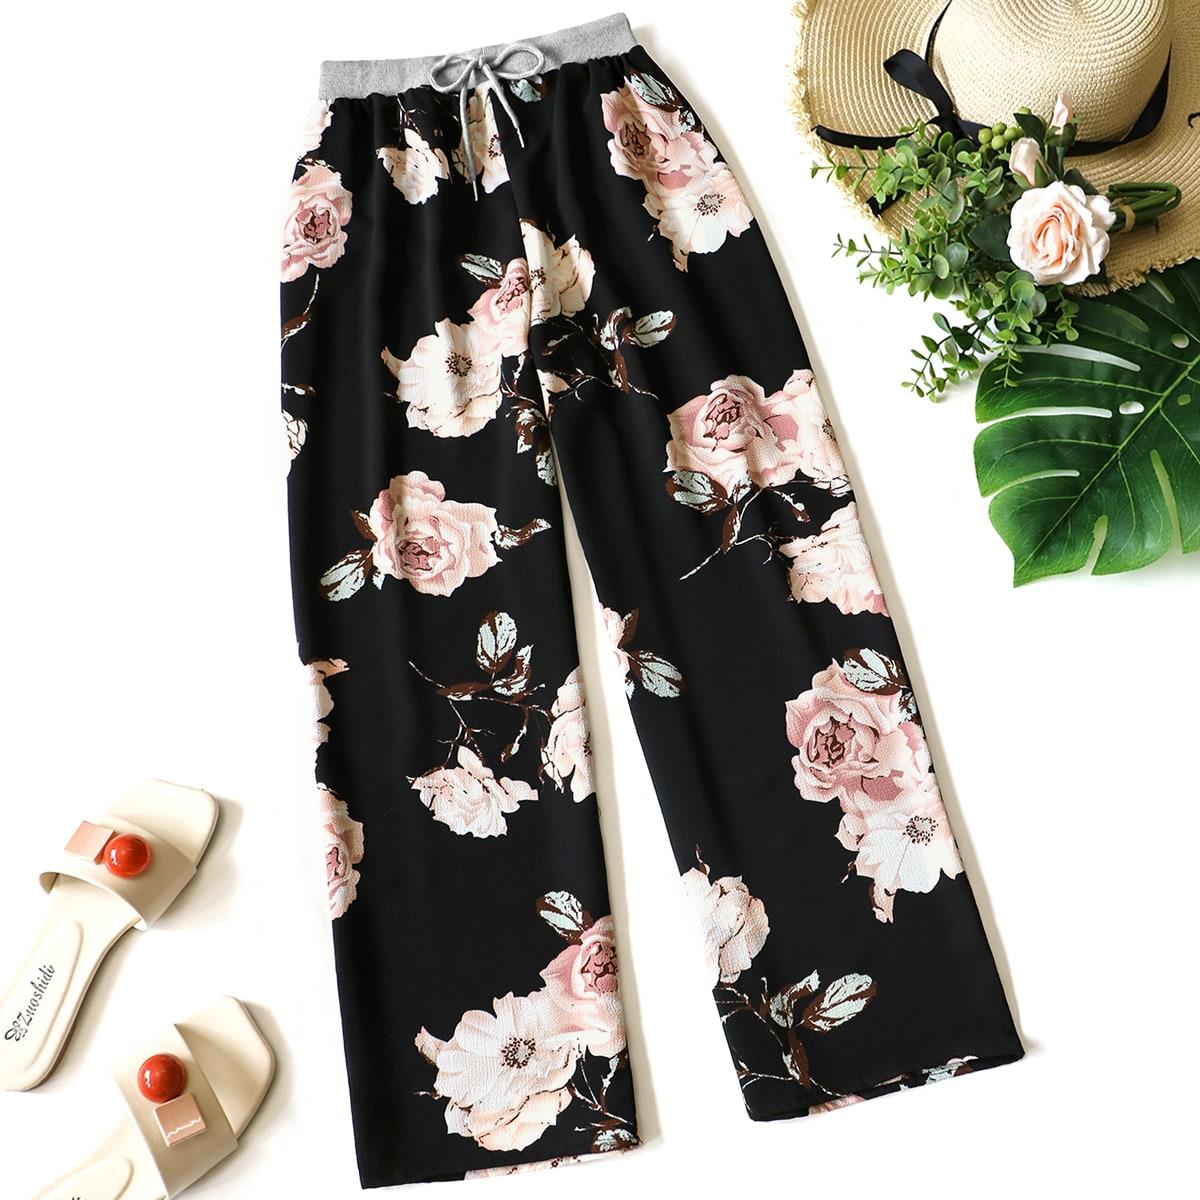 Pantalones rectos con estampado floral con nudo delantero